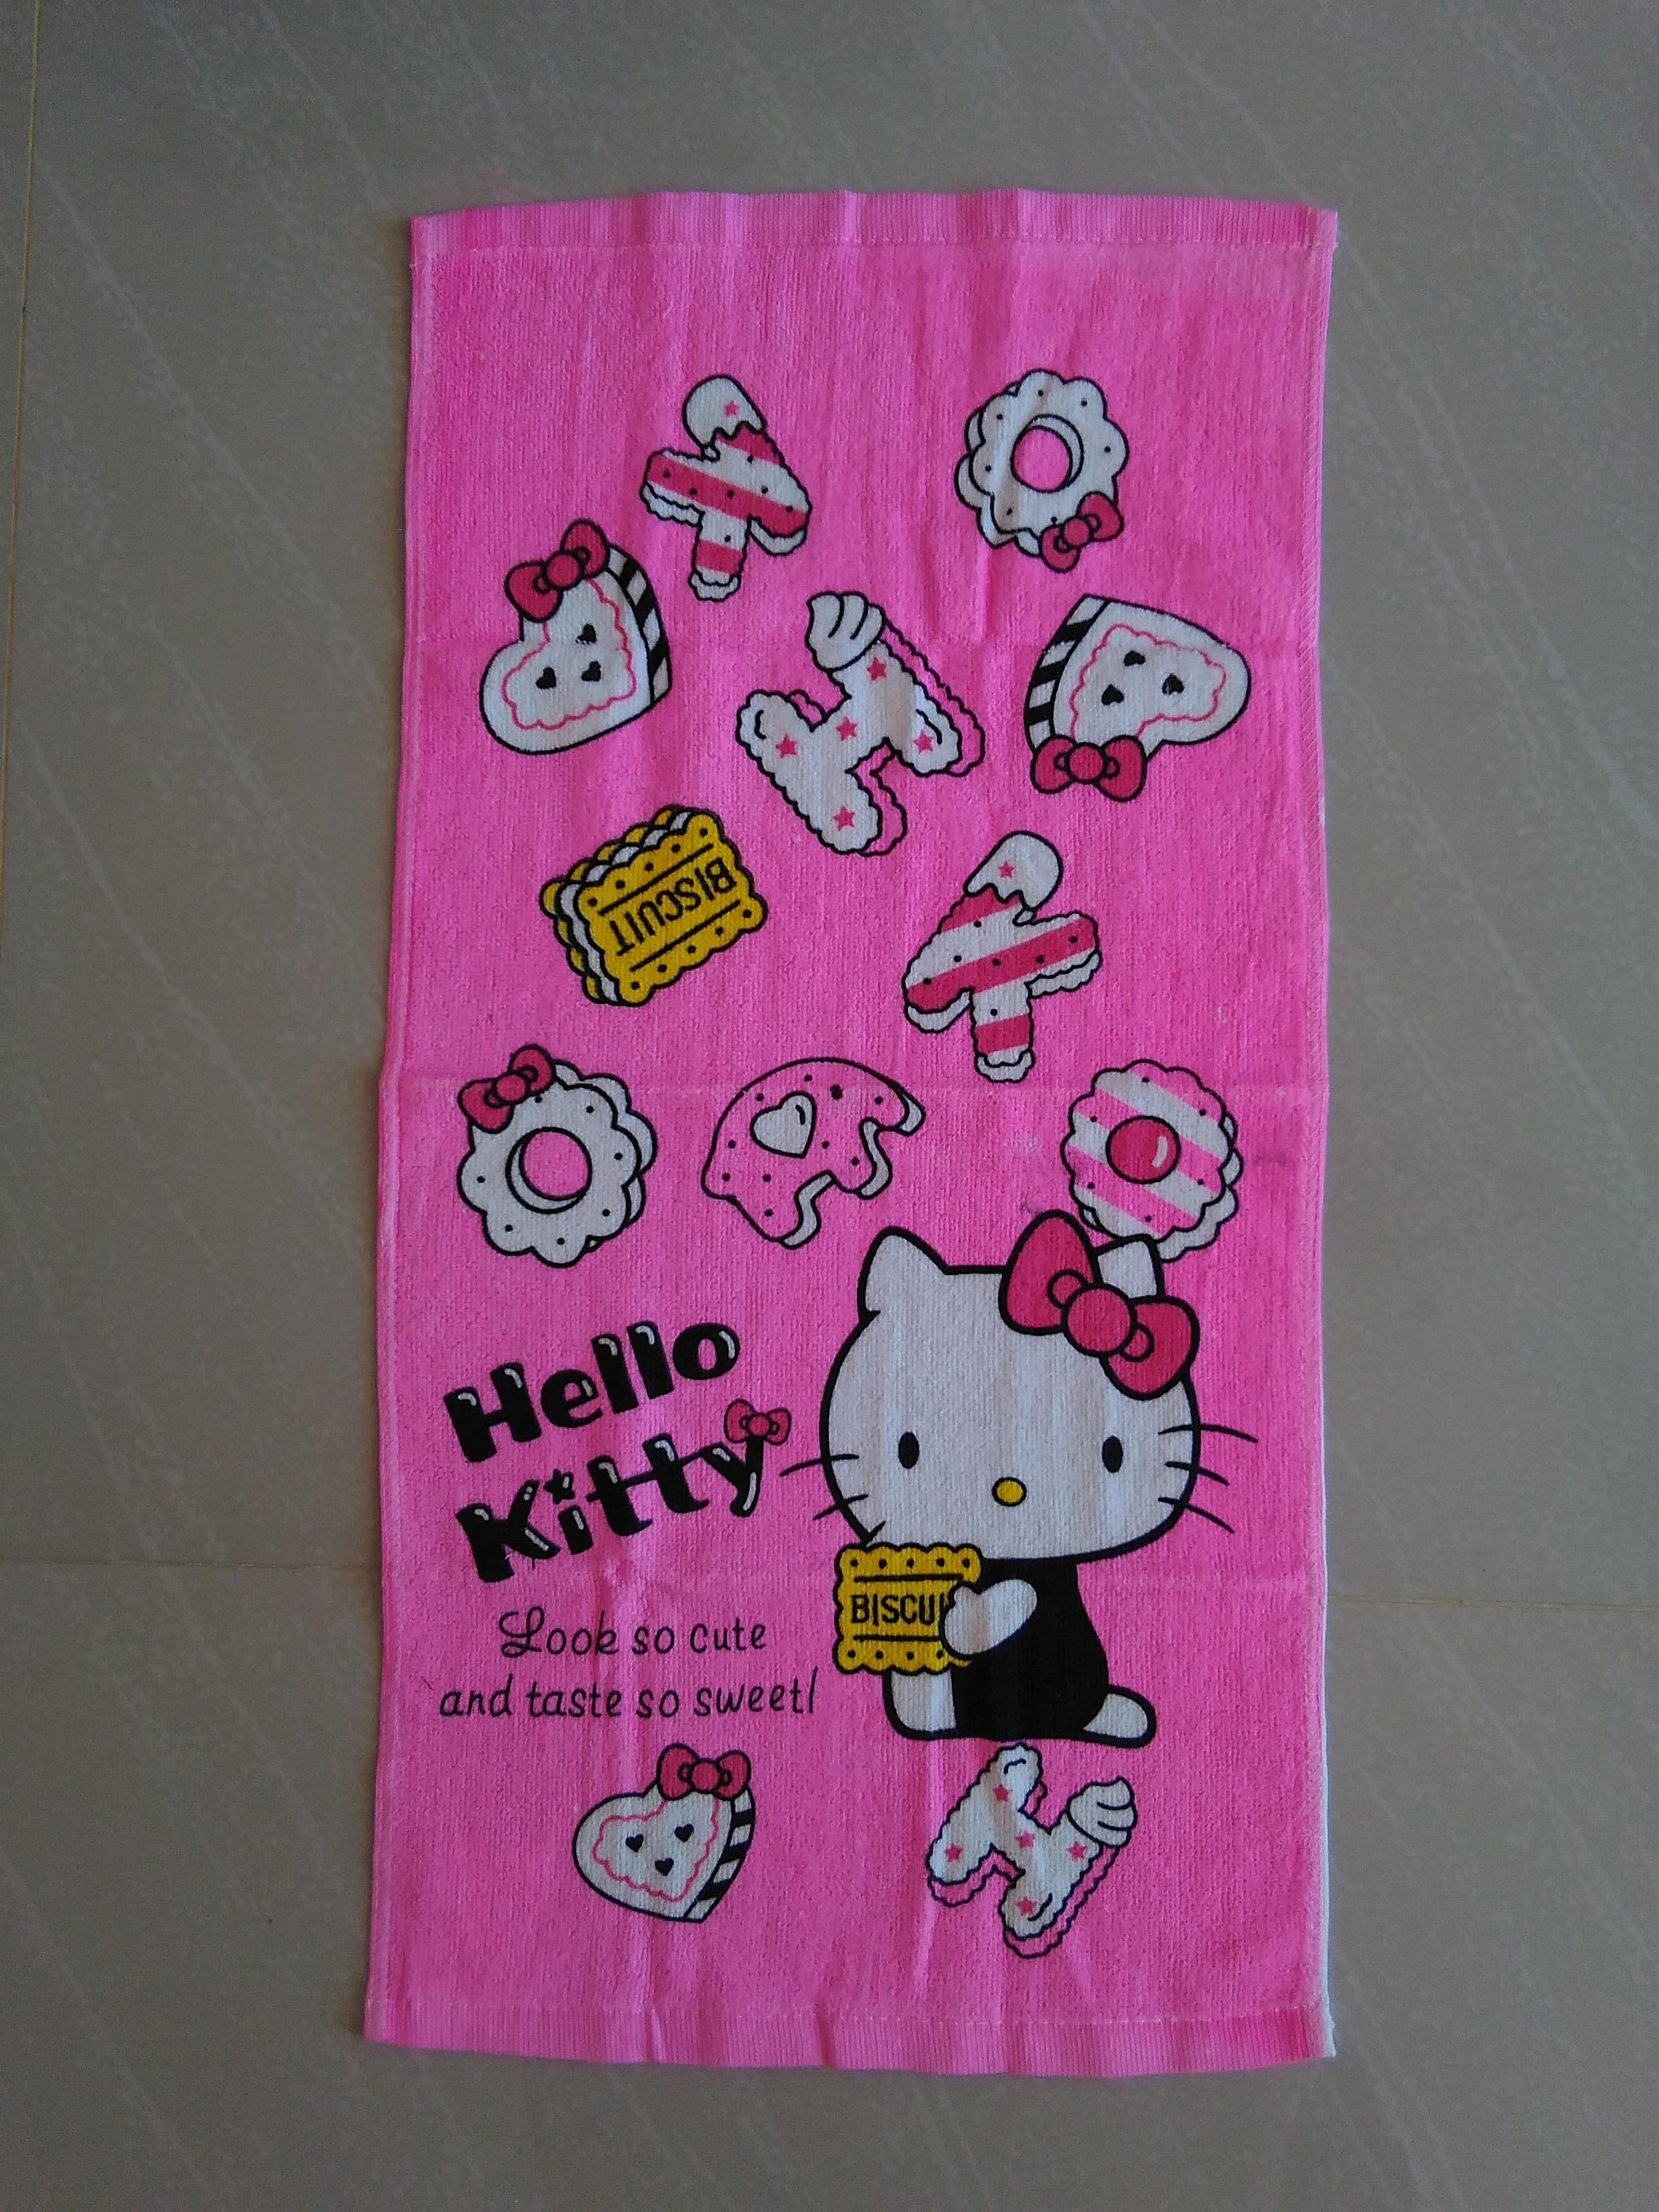 ผ้าขนหนูผืนเล็ก ฮัลโหลคิตตี้ Hello kitty ขนาดกว้าง 34 ซม. * ยาว 64 ซม. ลายฮัลโหลคิตตี้โบว์ พื้นชมพู